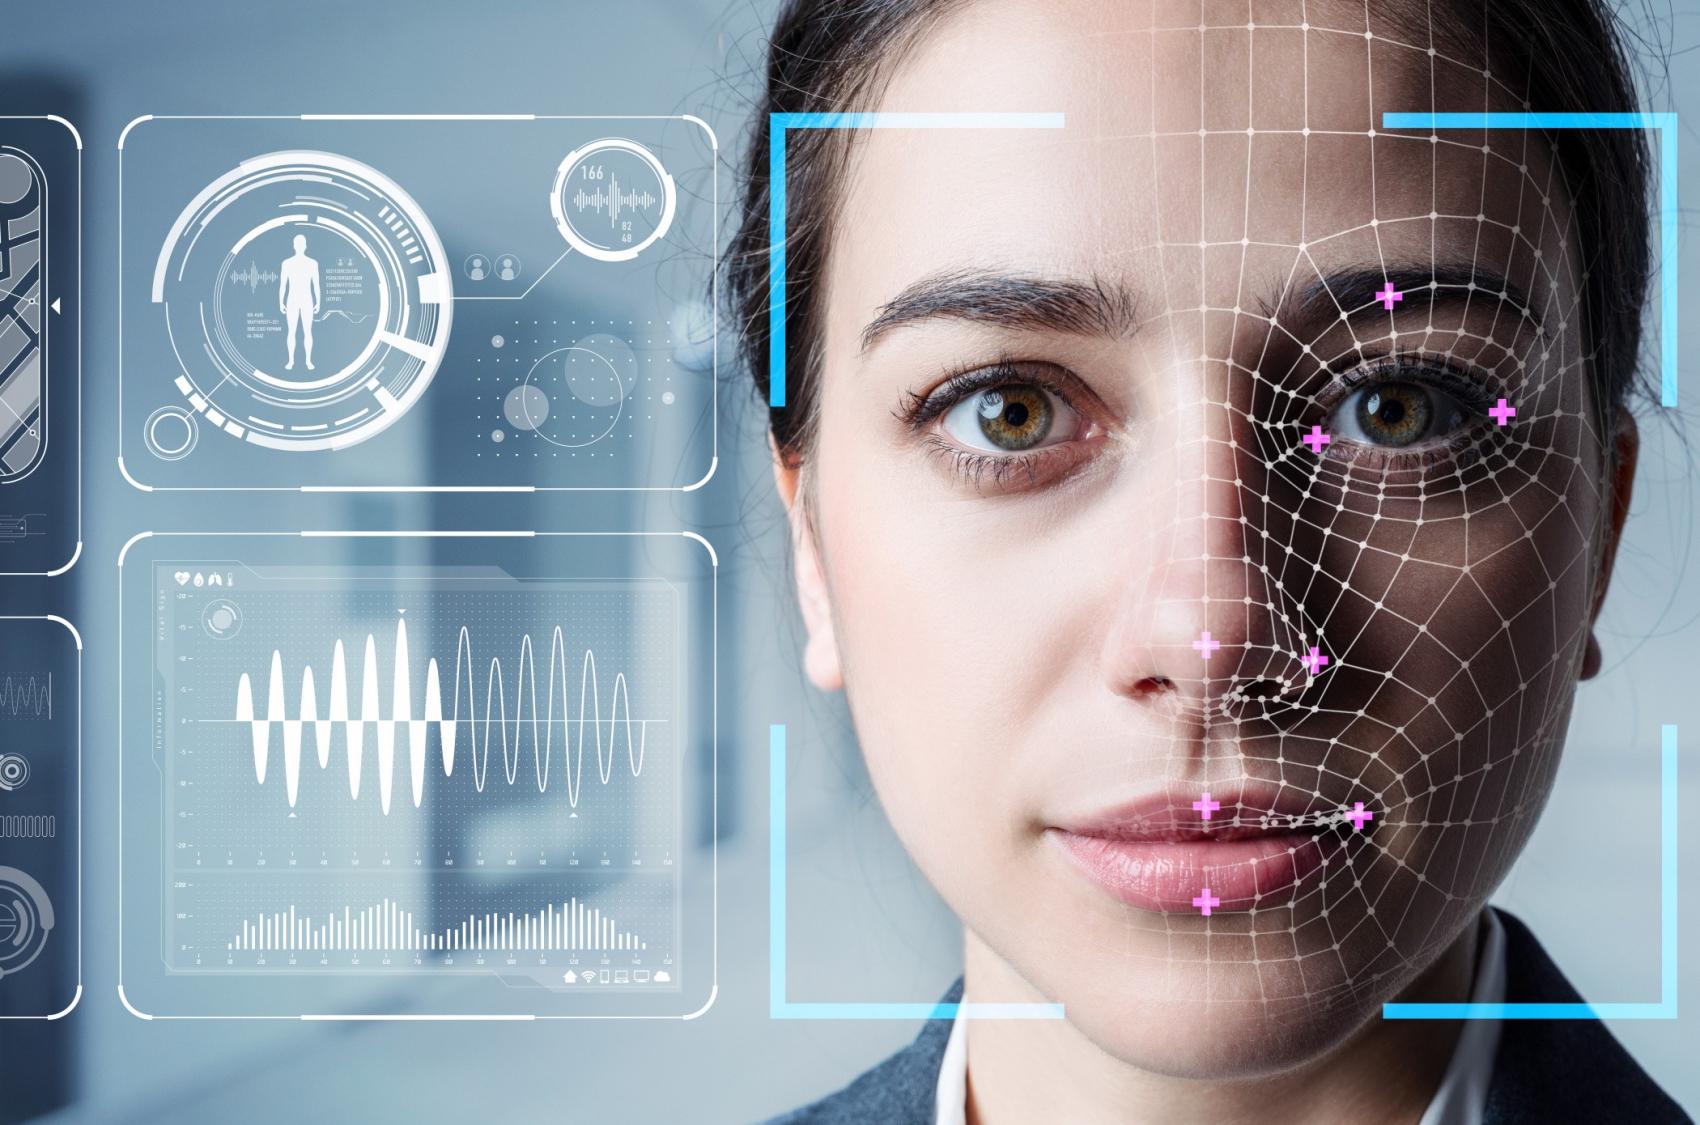 Эксперты крайне не советуют сдавать биометрические данные